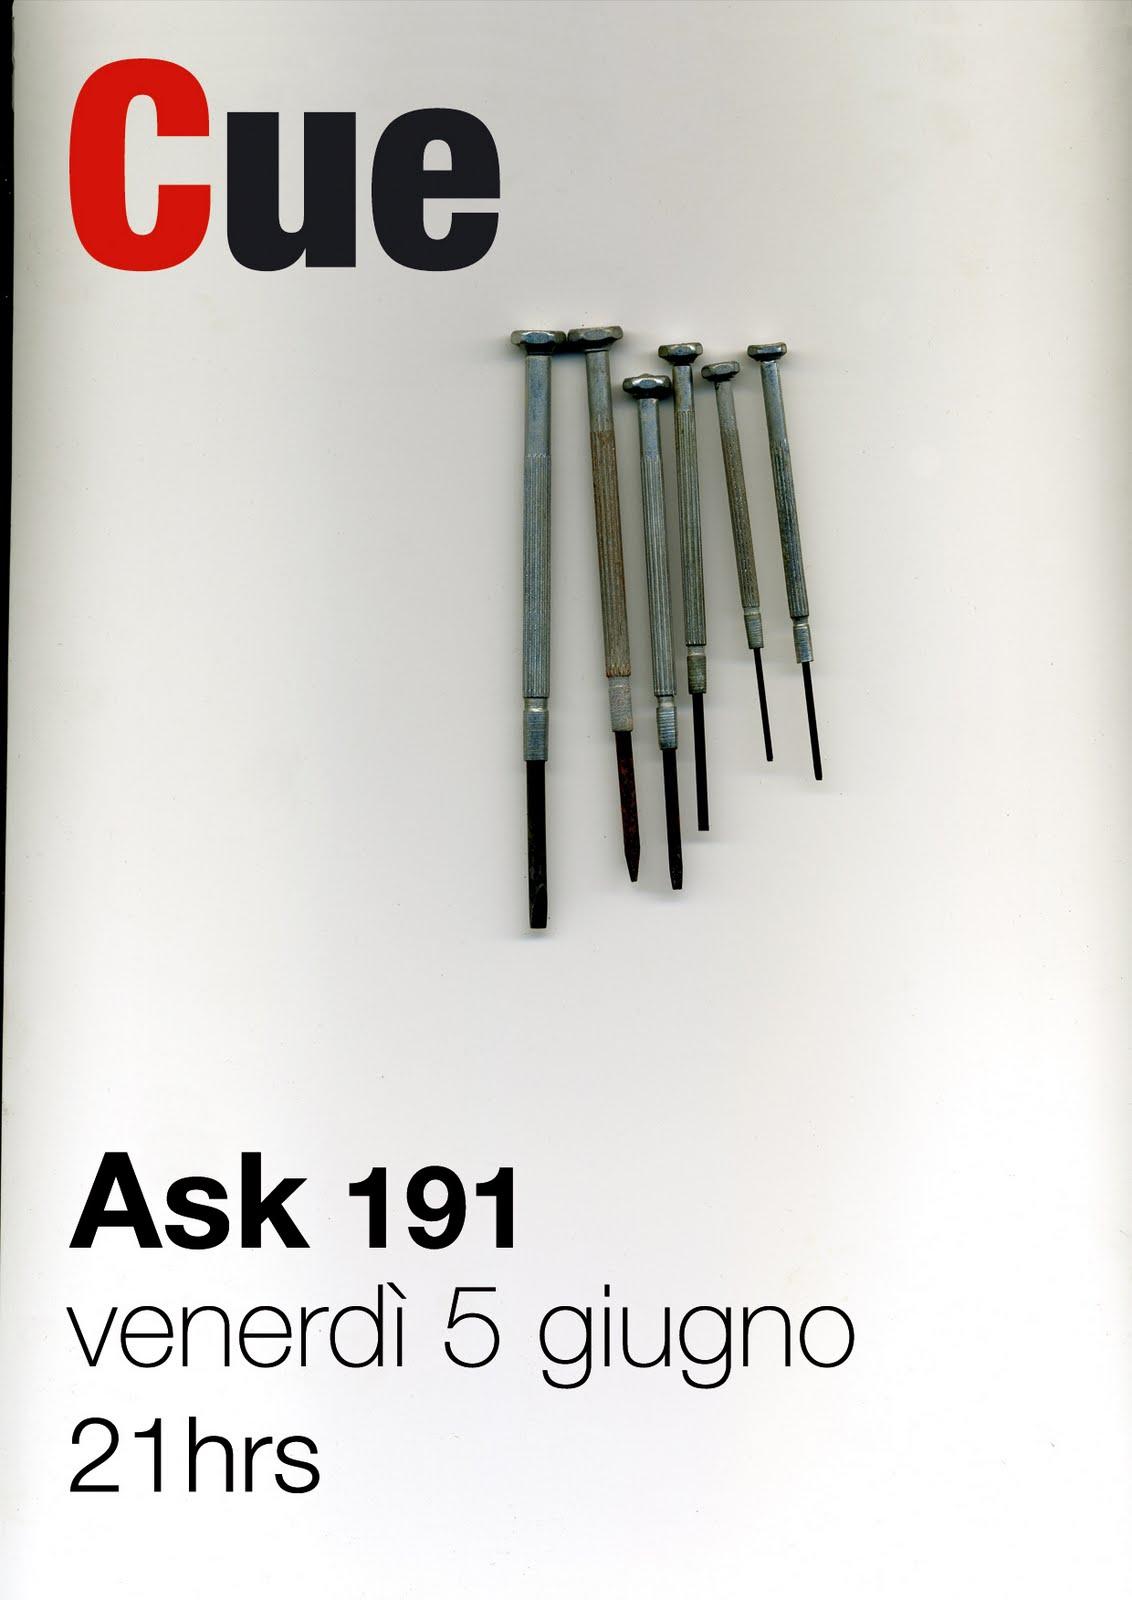 [cue+6w3.jpg]